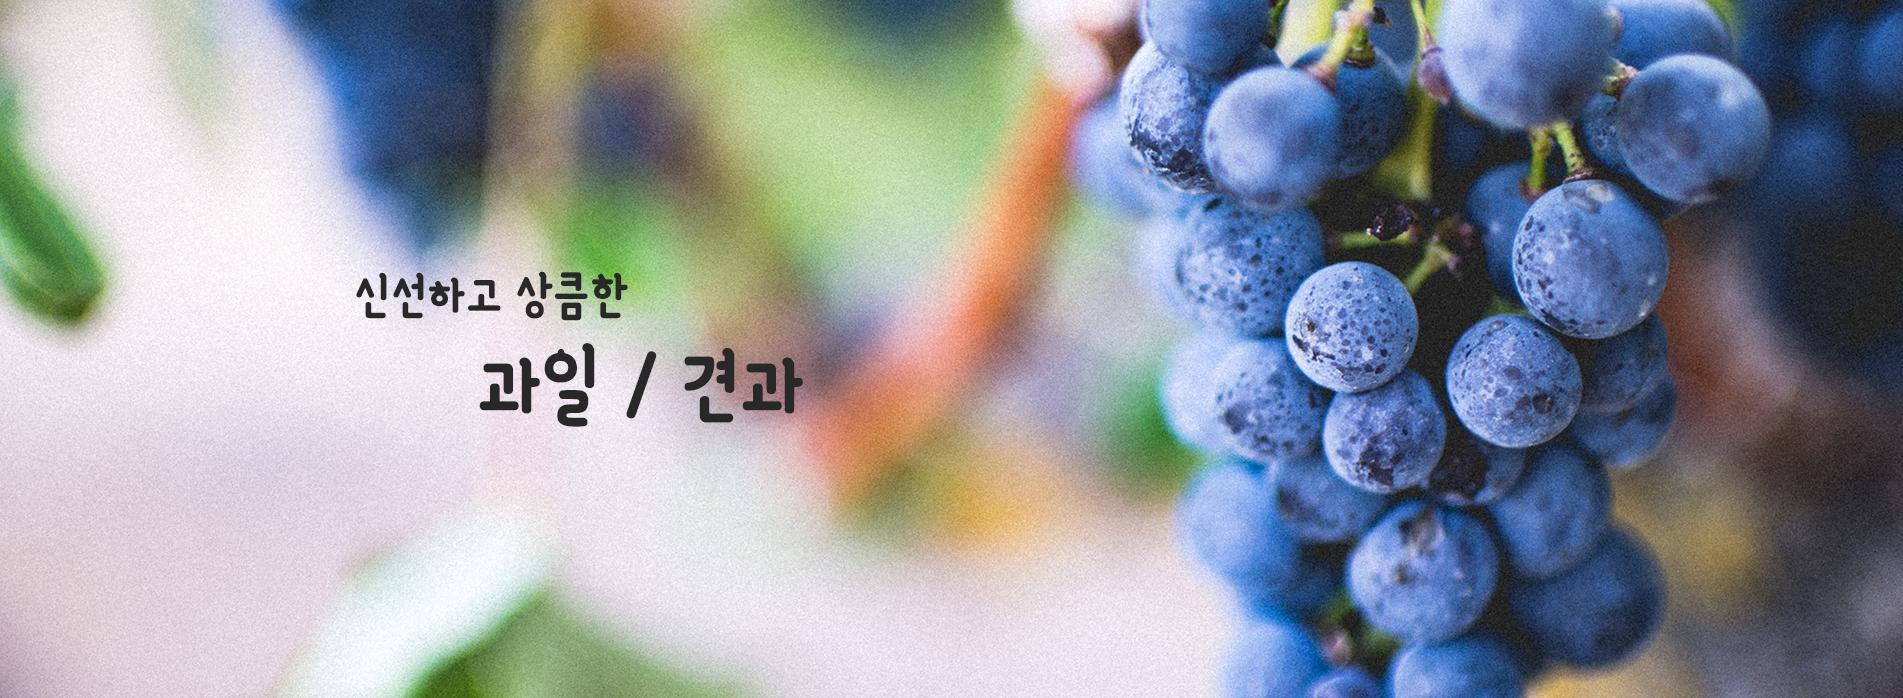 과일 / 견과